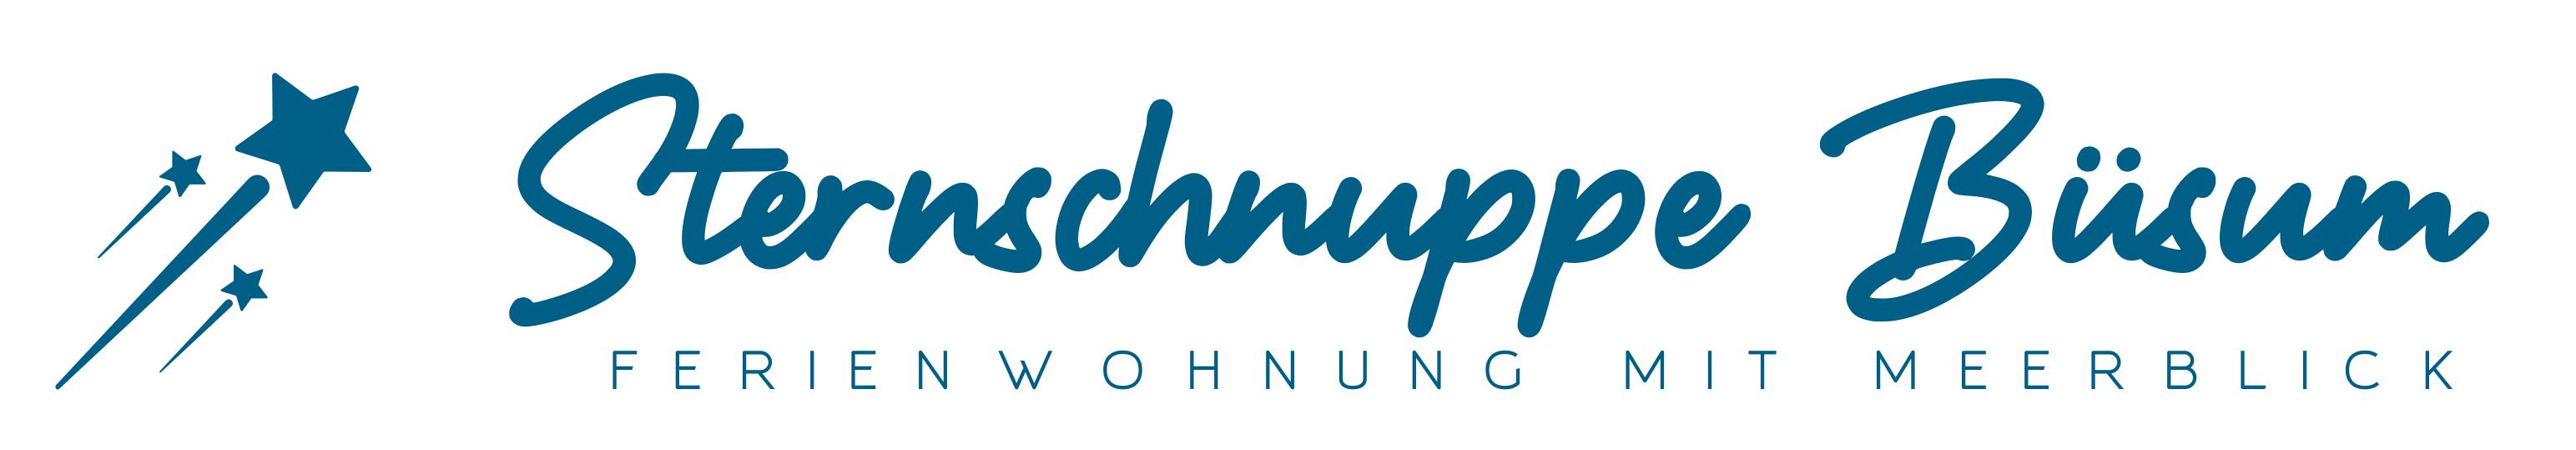 Sternschnuppe Büsum – Ferienwohnung mit Meerblick